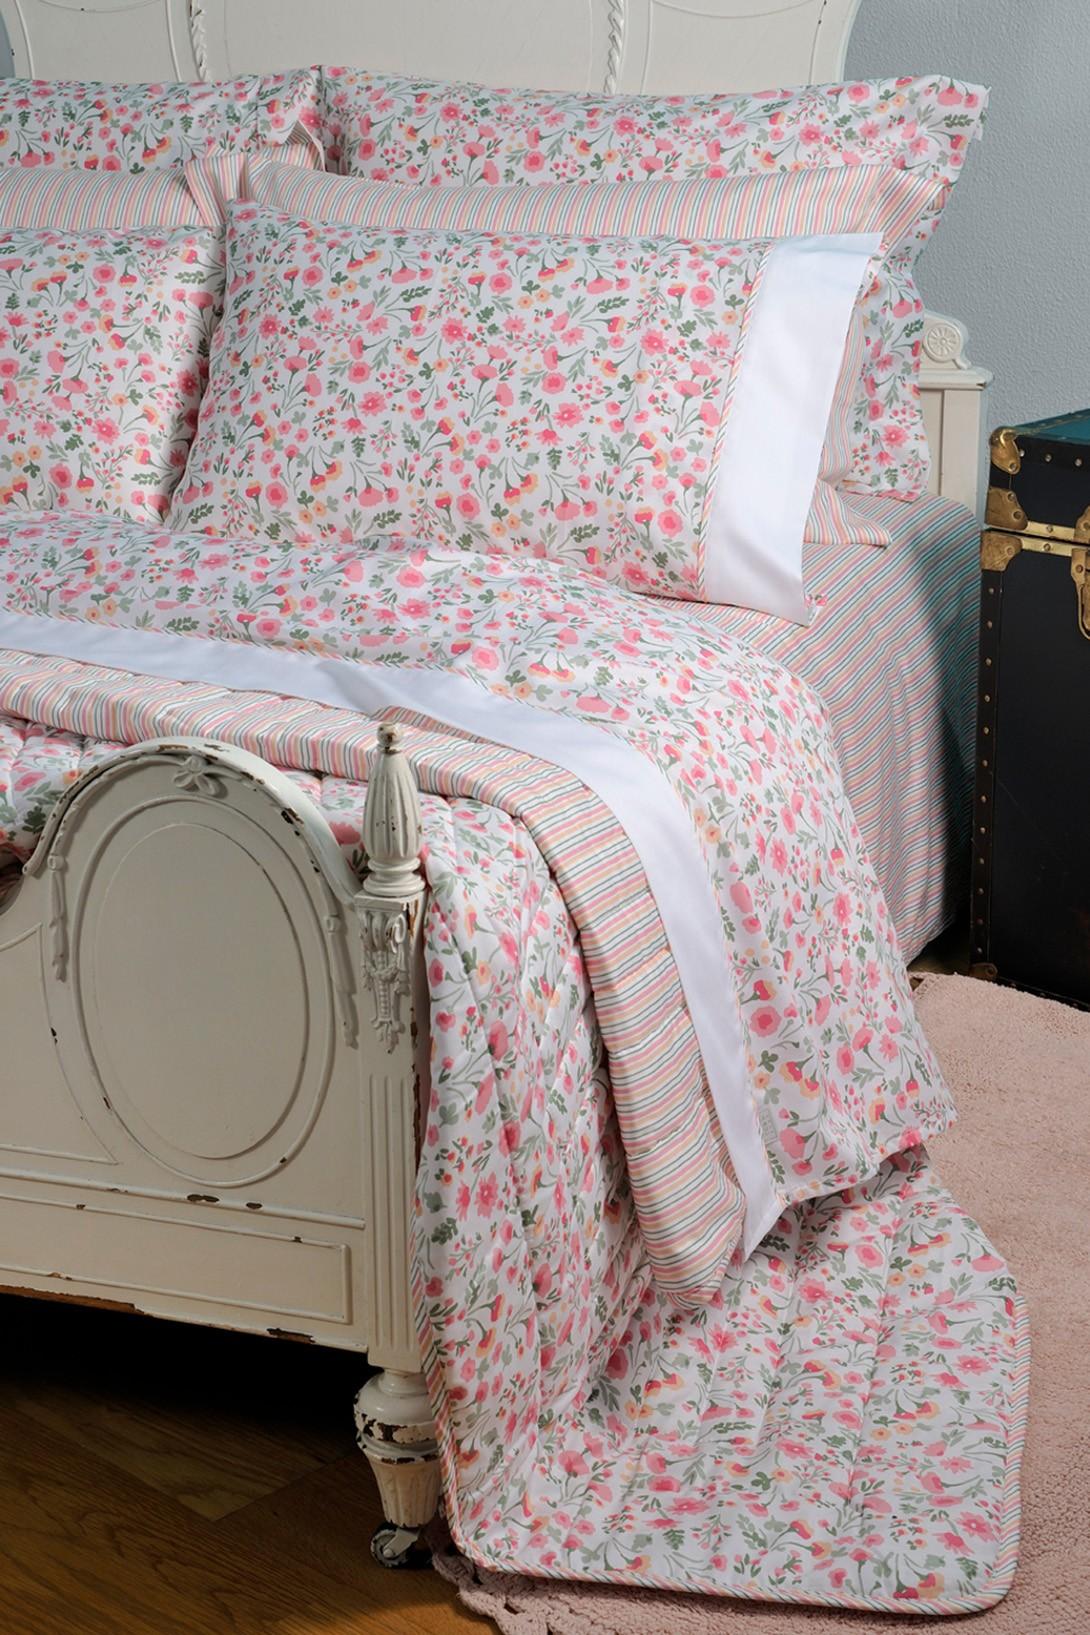 Κουβερλί Υπέρδιπλο (Σετ) Down Town Primo Charlotte S 603 home   κρεβατοκάμαρα   κουβερλί   κουβερλί υπέρδιπλα